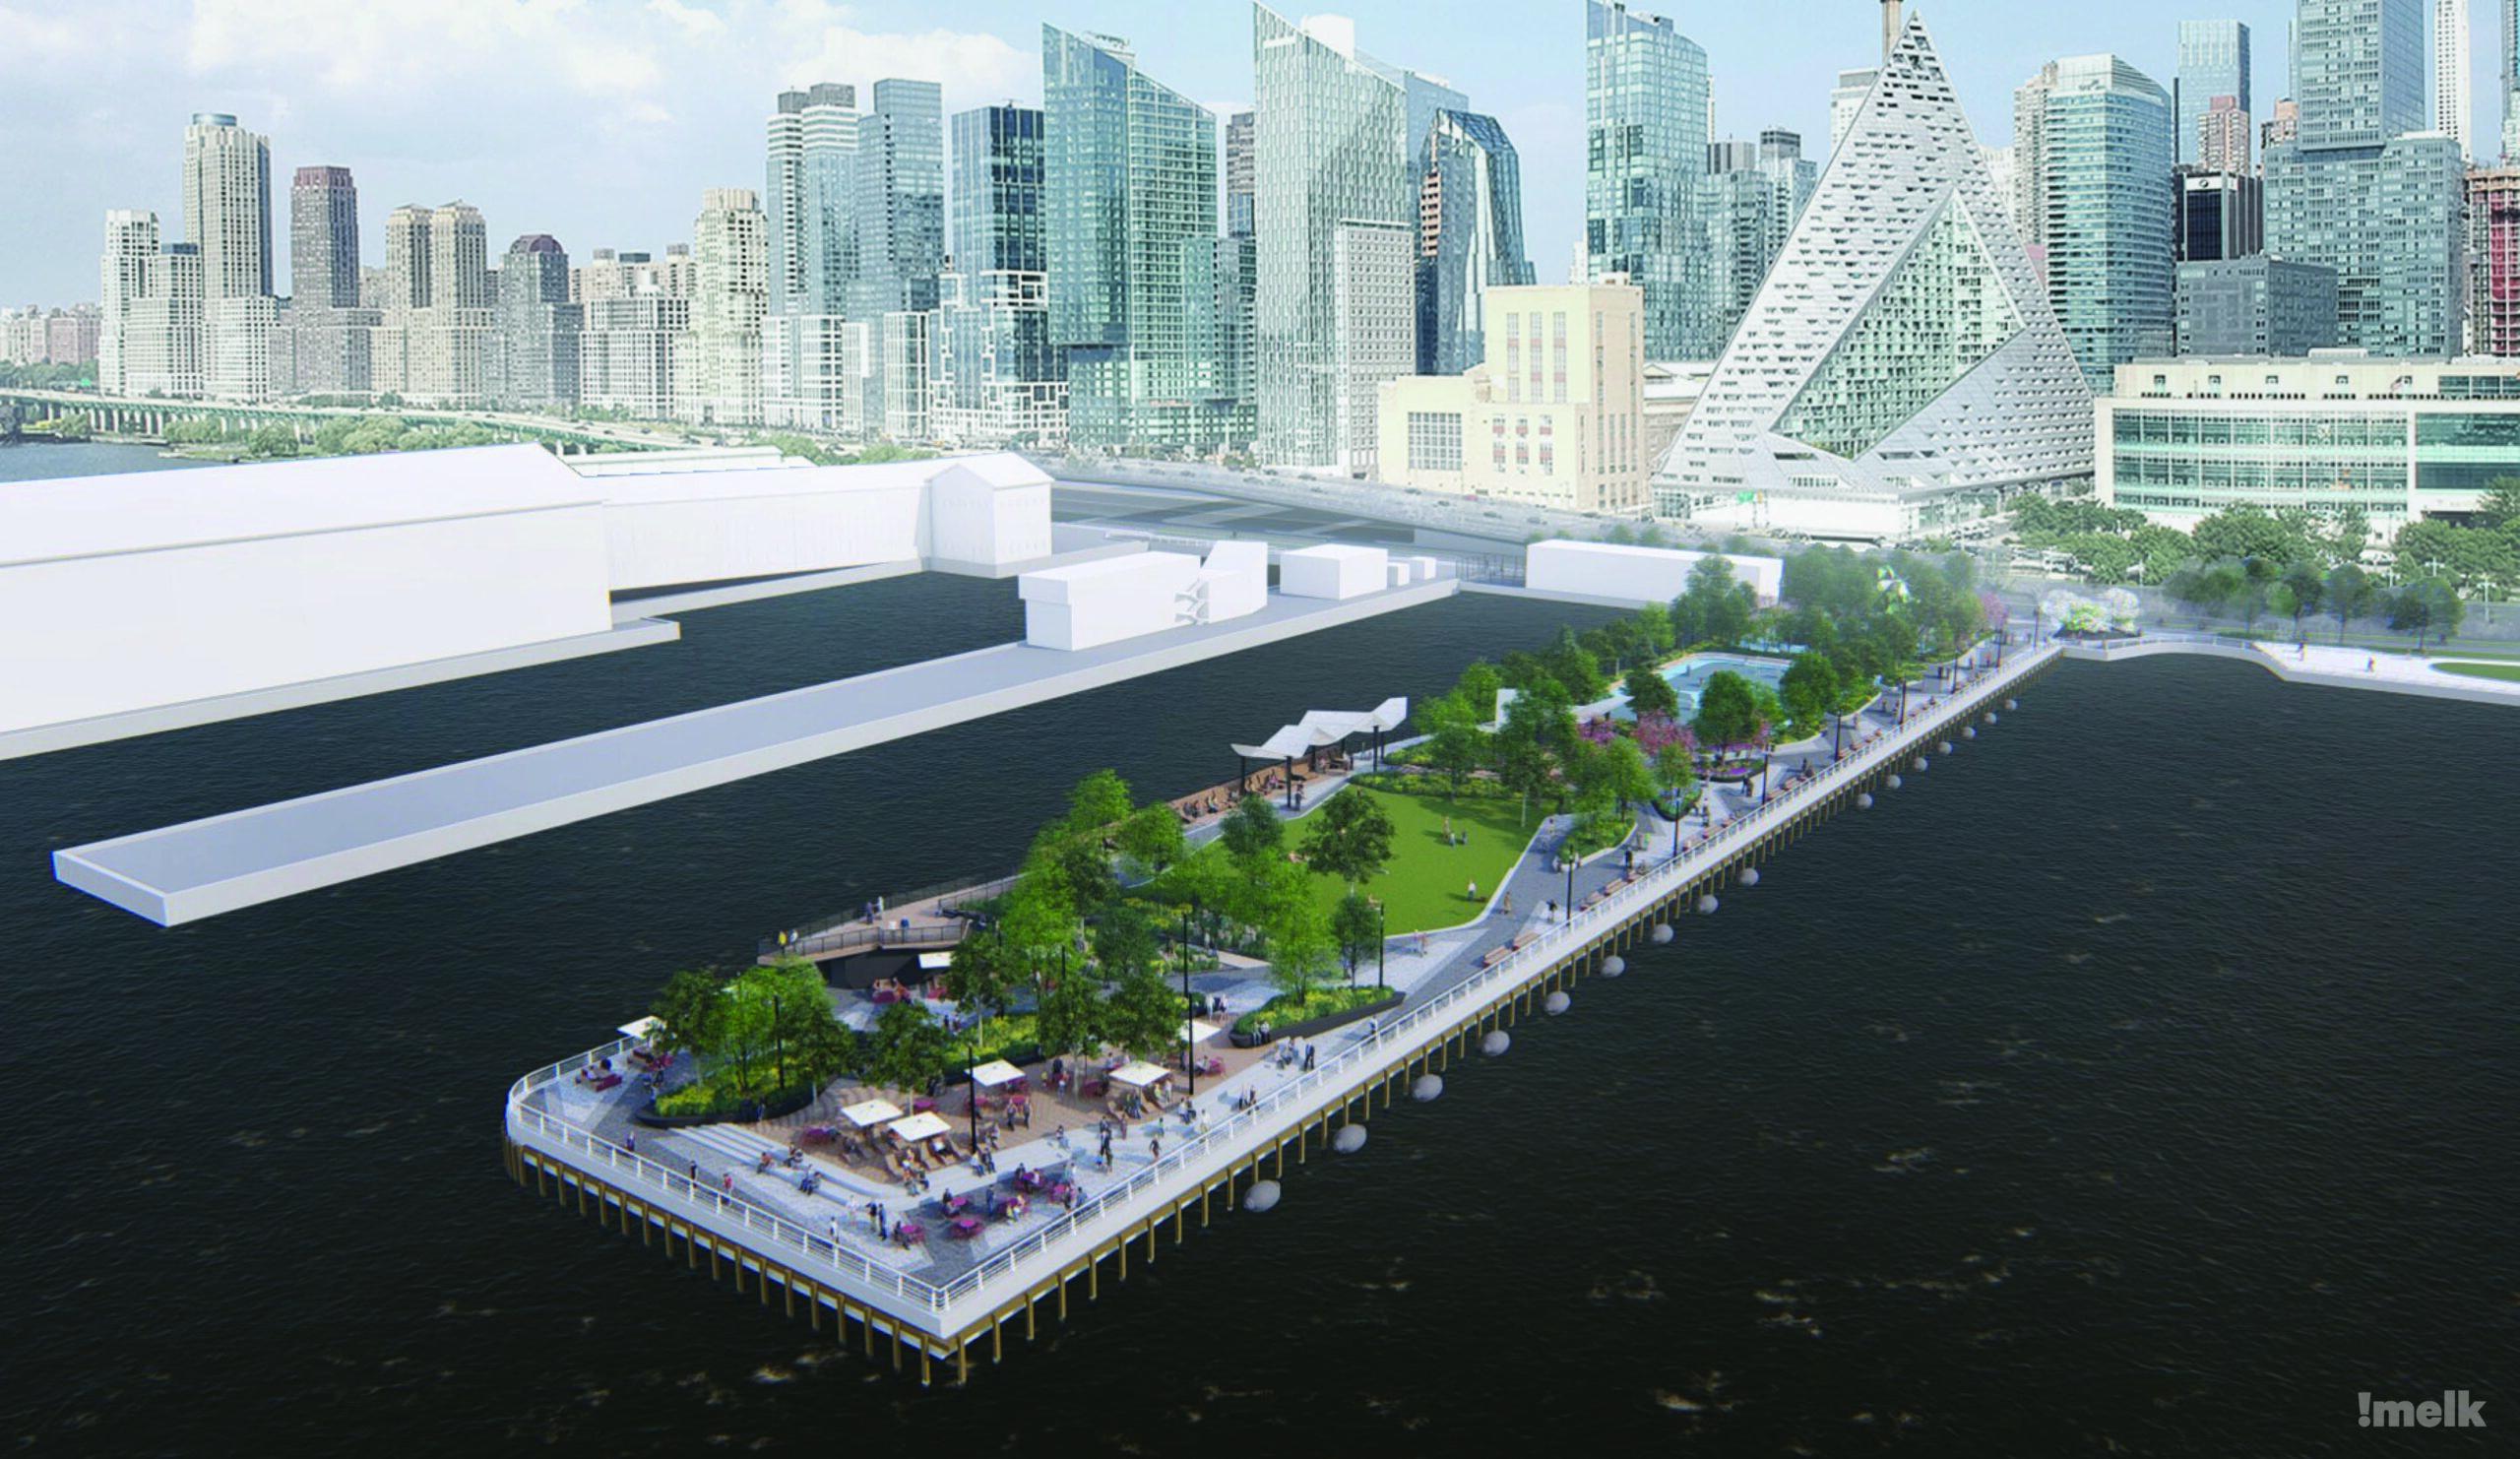 Pier 97 at Hudson River Park